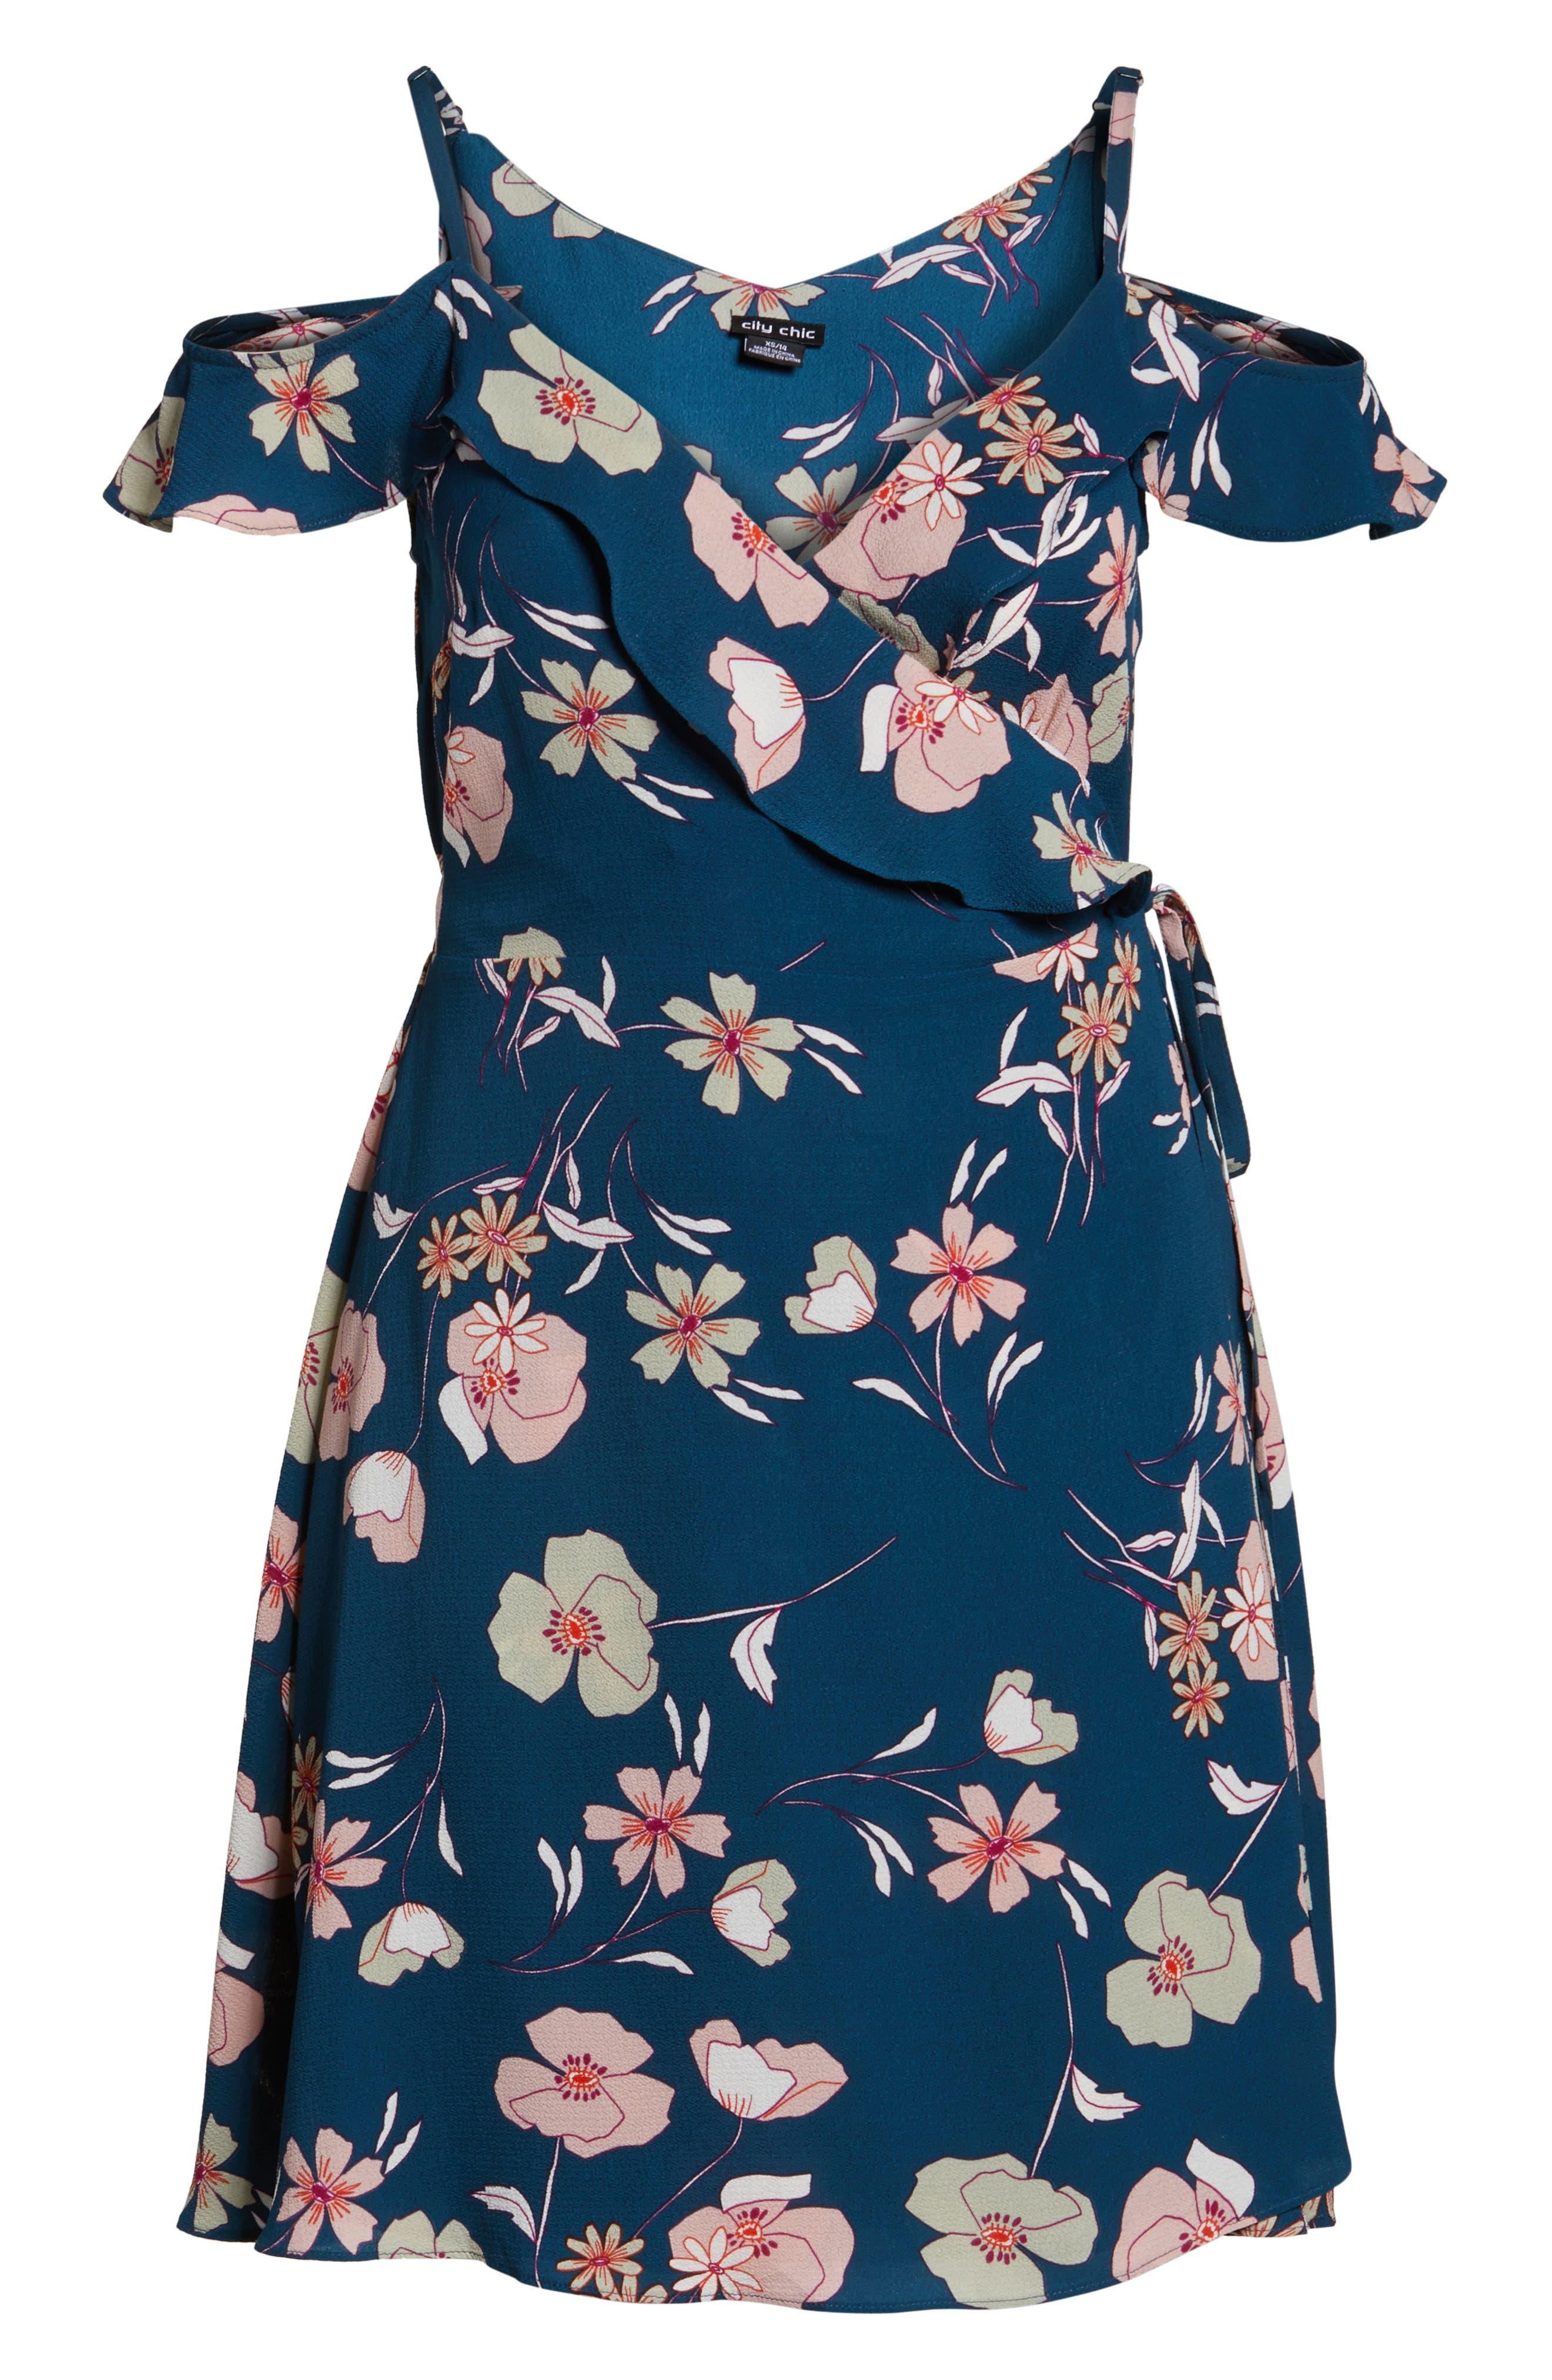 Lulu Floral Wrap Dress,                             Alternate thumbnail 6, color,                             656